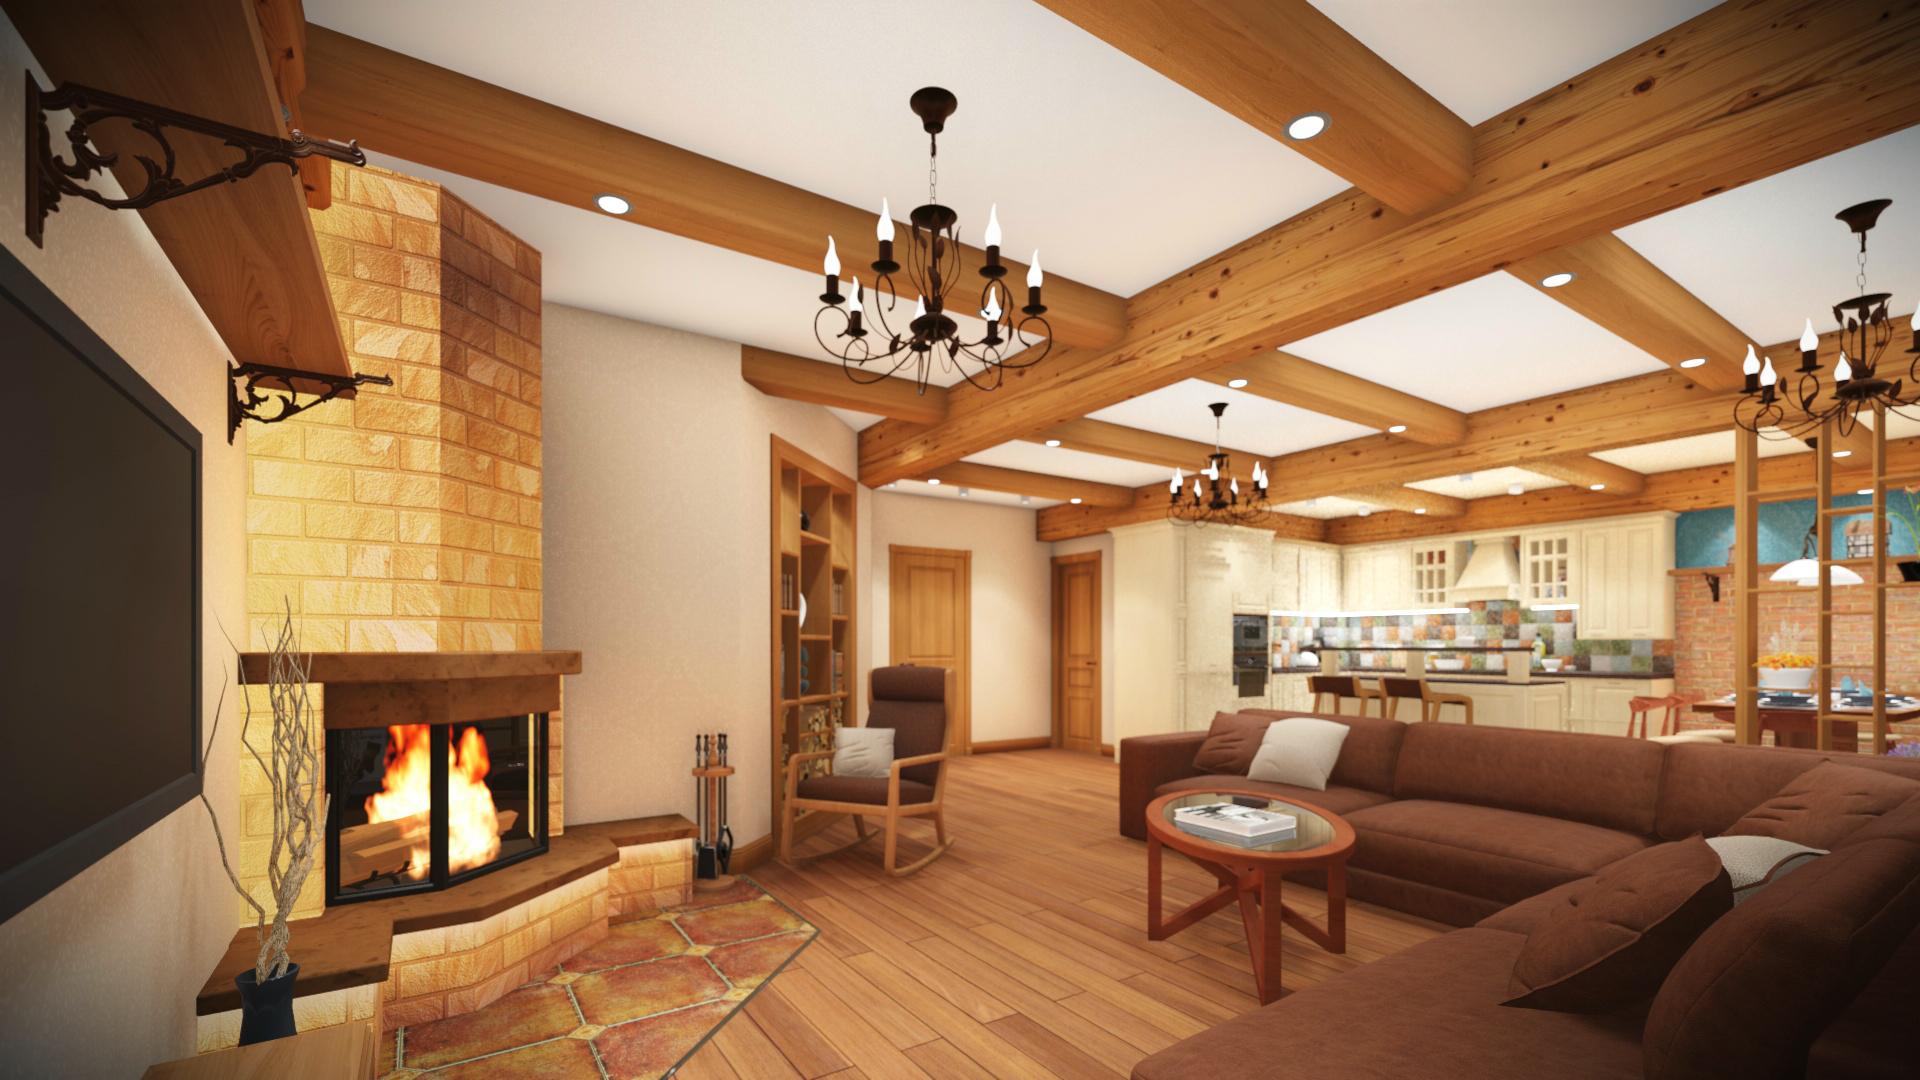 Дизайн интерьера дома в стиле шале г. Белокуриха